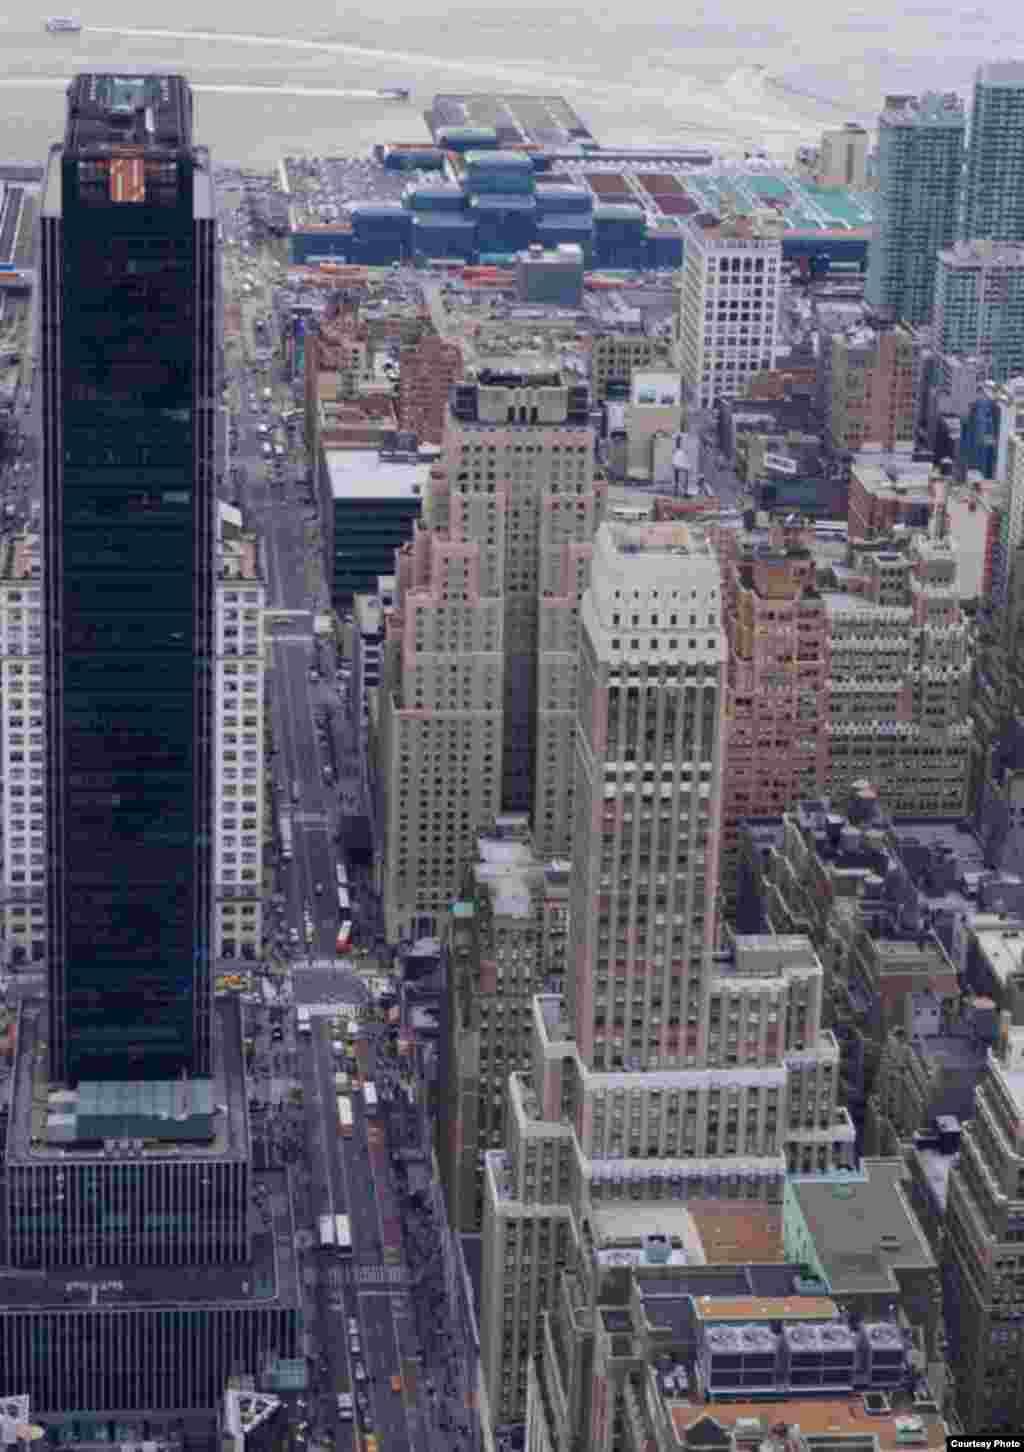 El lente de Orlando Luis Pardo Lazo capta la geografía neoyorkina